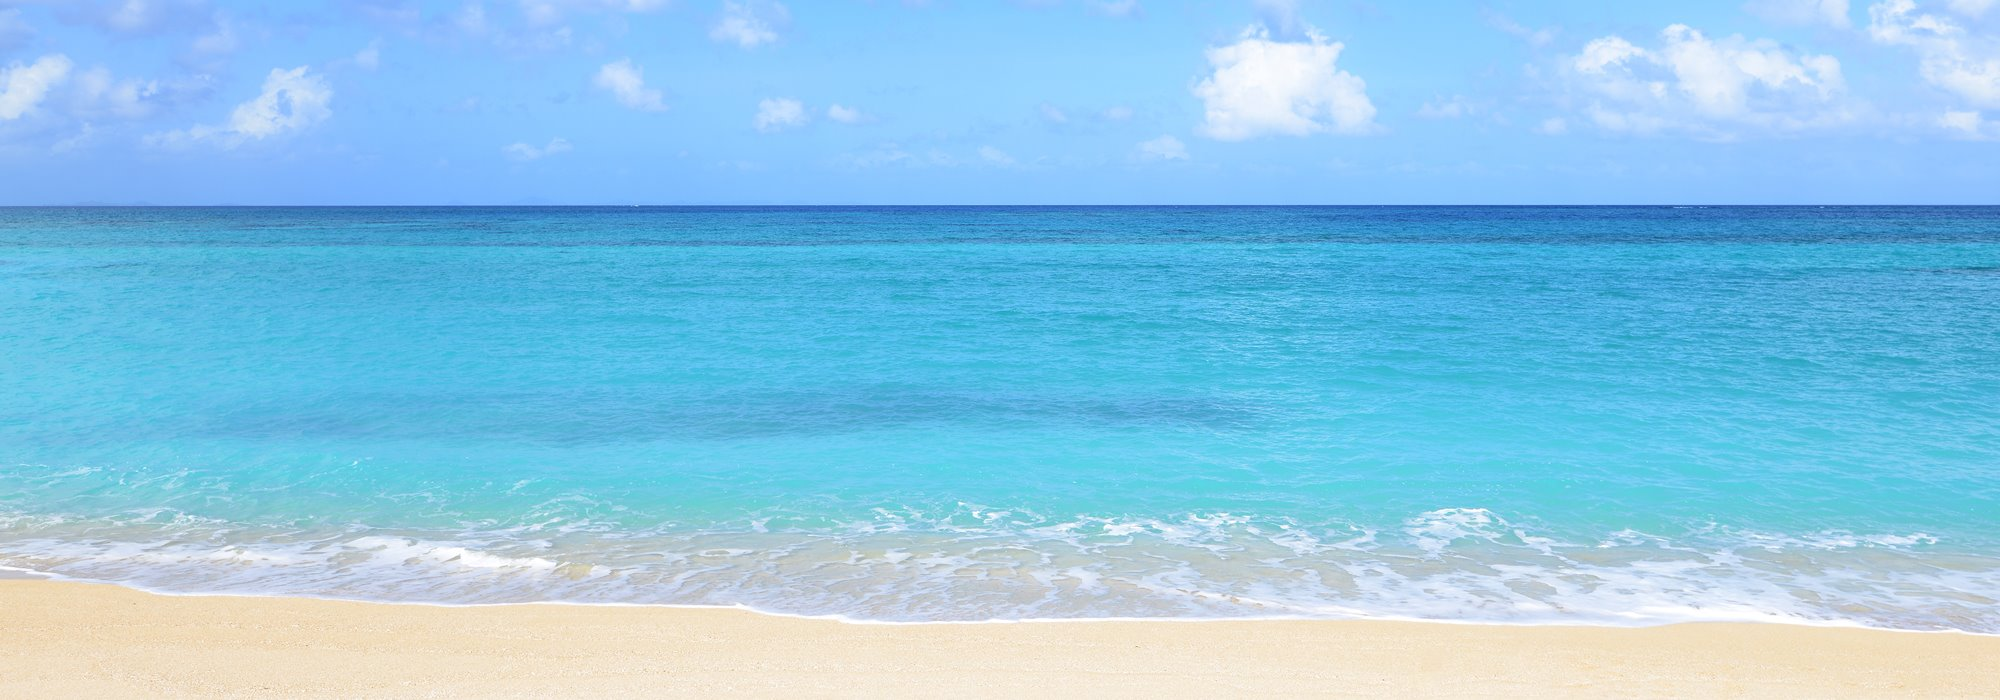 「パームヴィラ石垣島」1日1組限定の貸切ヴィラ別荘の予約